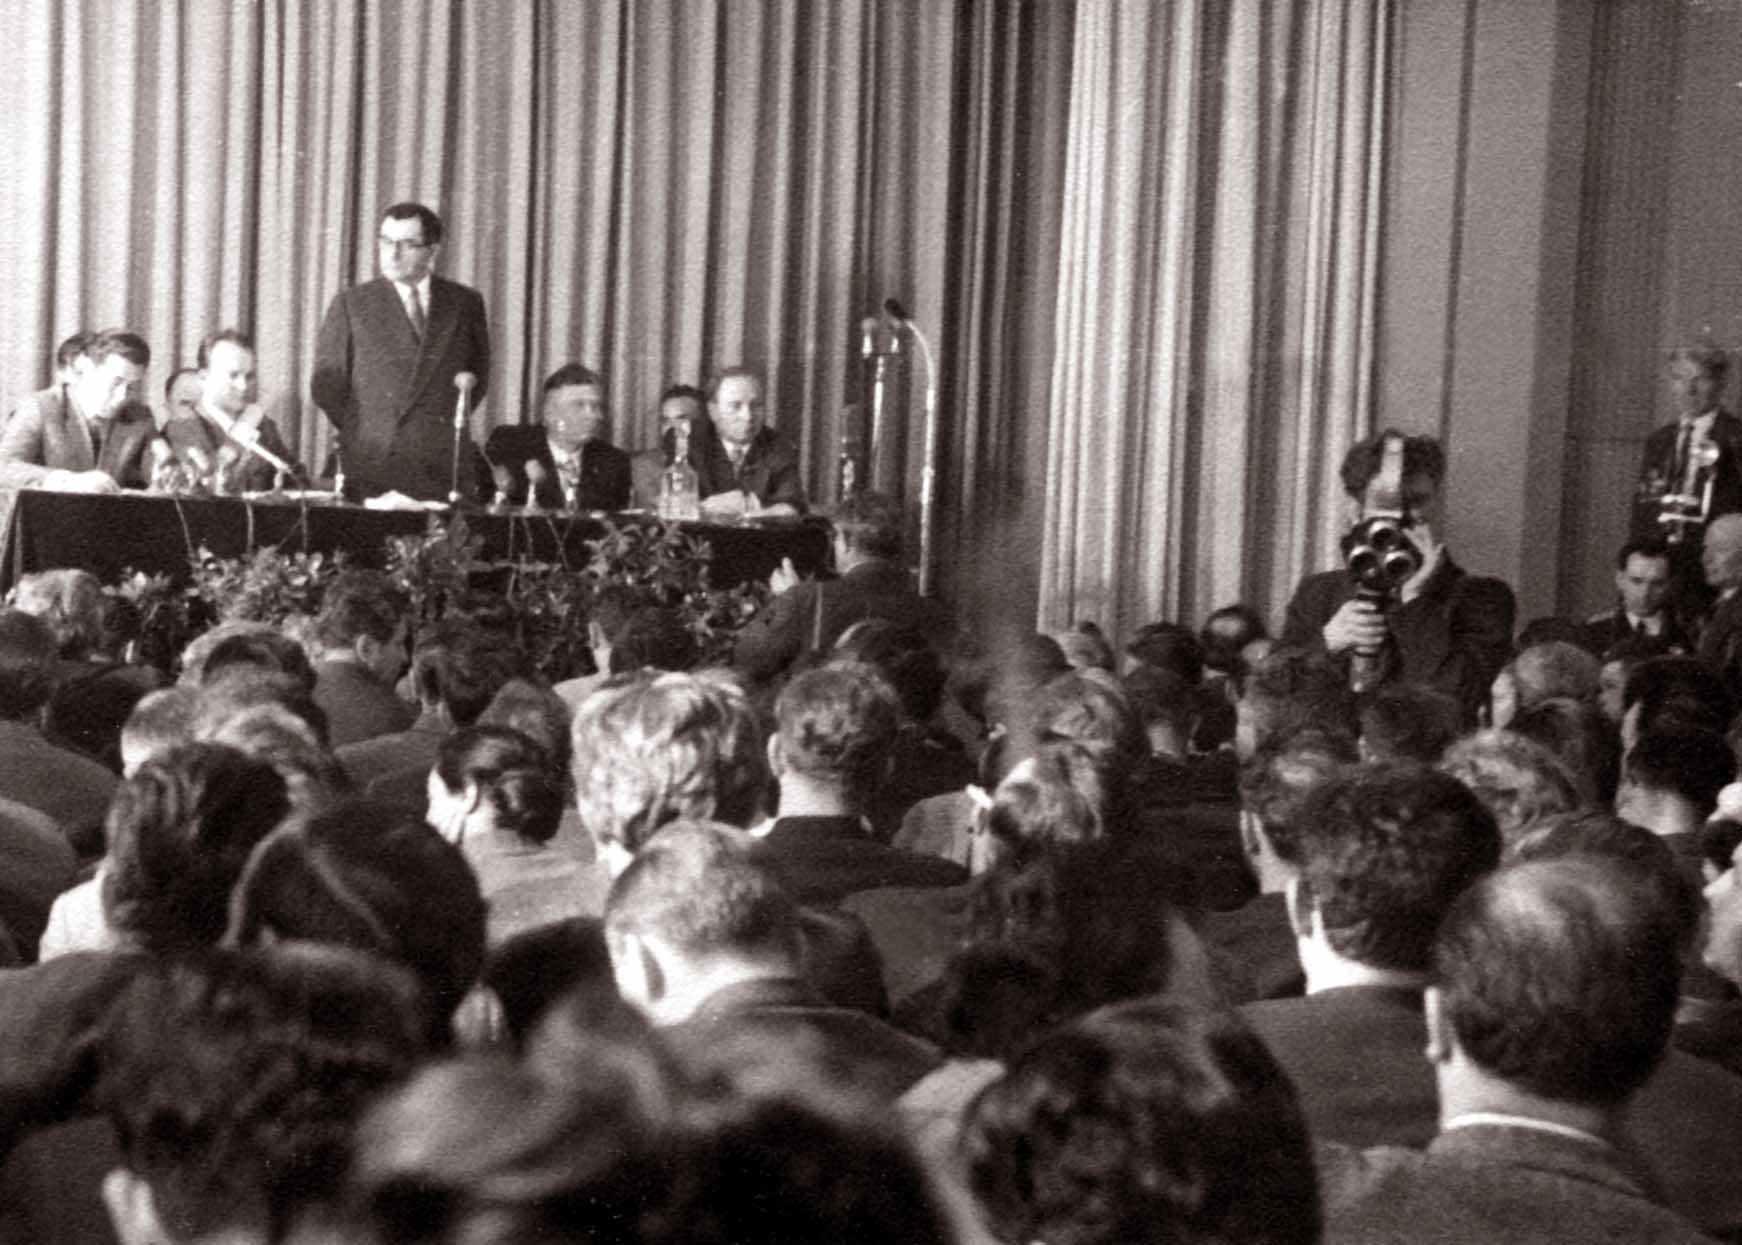 Экспонат #43. Пресс-конференция министра иностранных дел А. А. Громыко. Май 1960 года